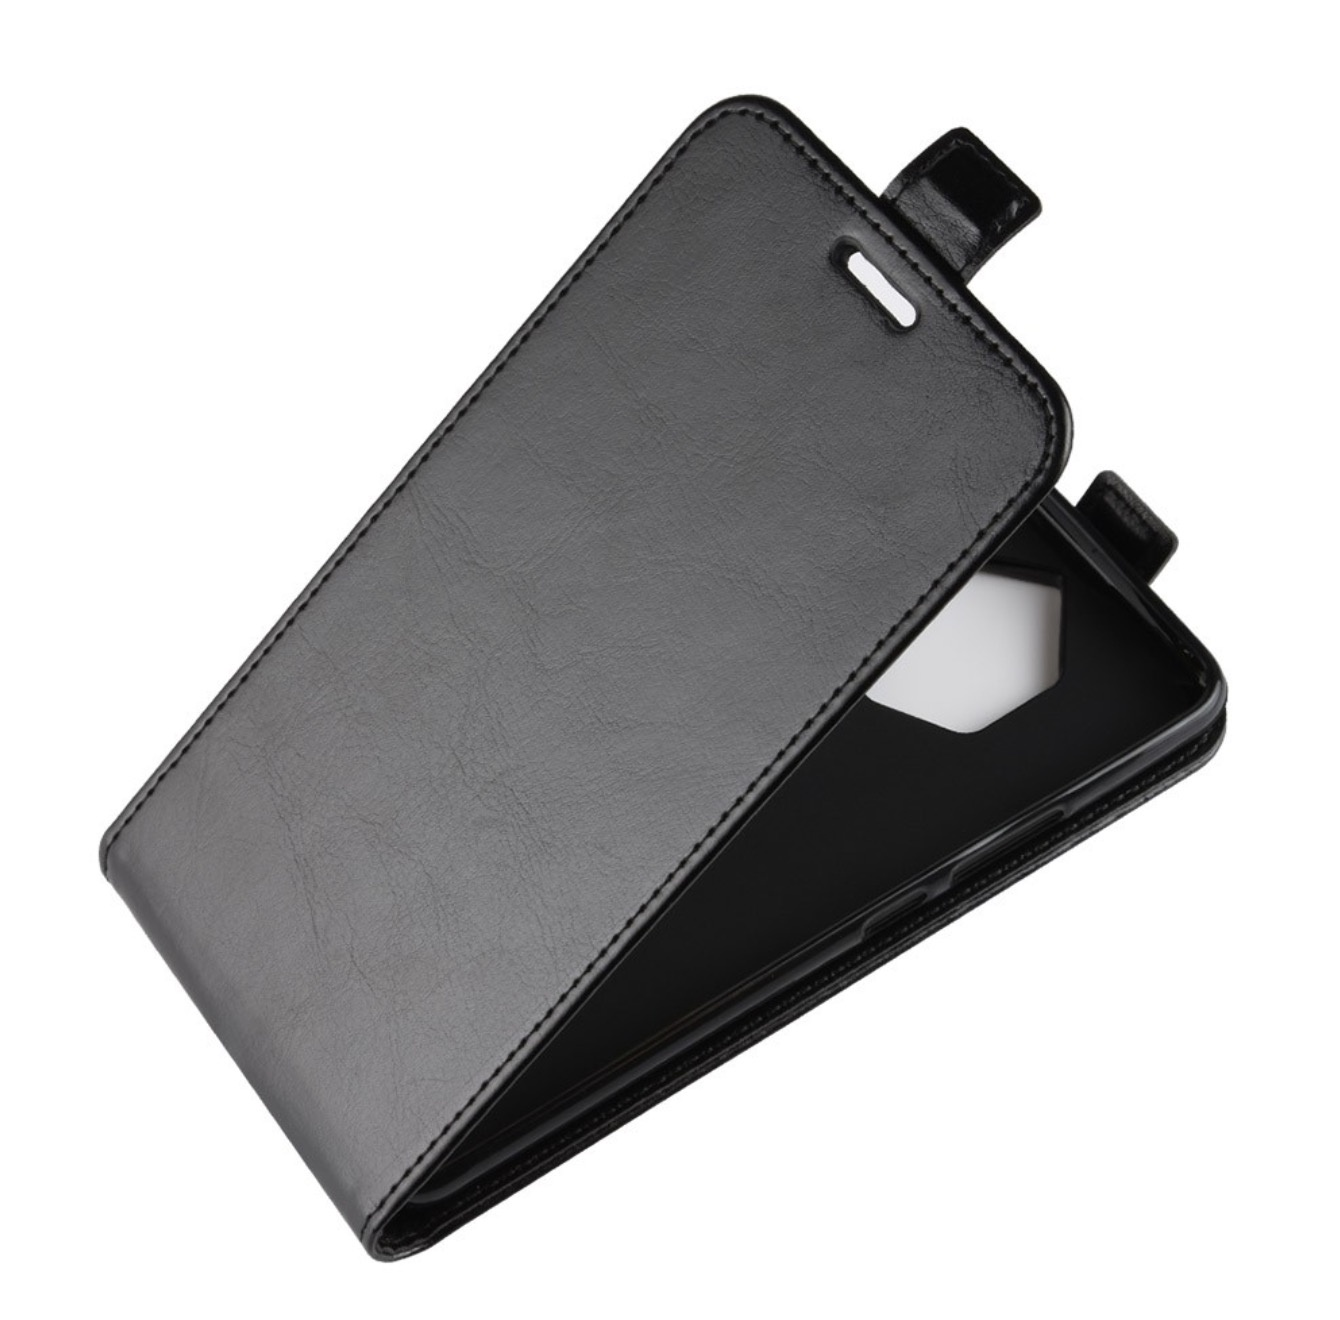 Чехол-флип MyPads для Highscreen Power Five Max вертикальный откидной черный highscreen power five evo золотой